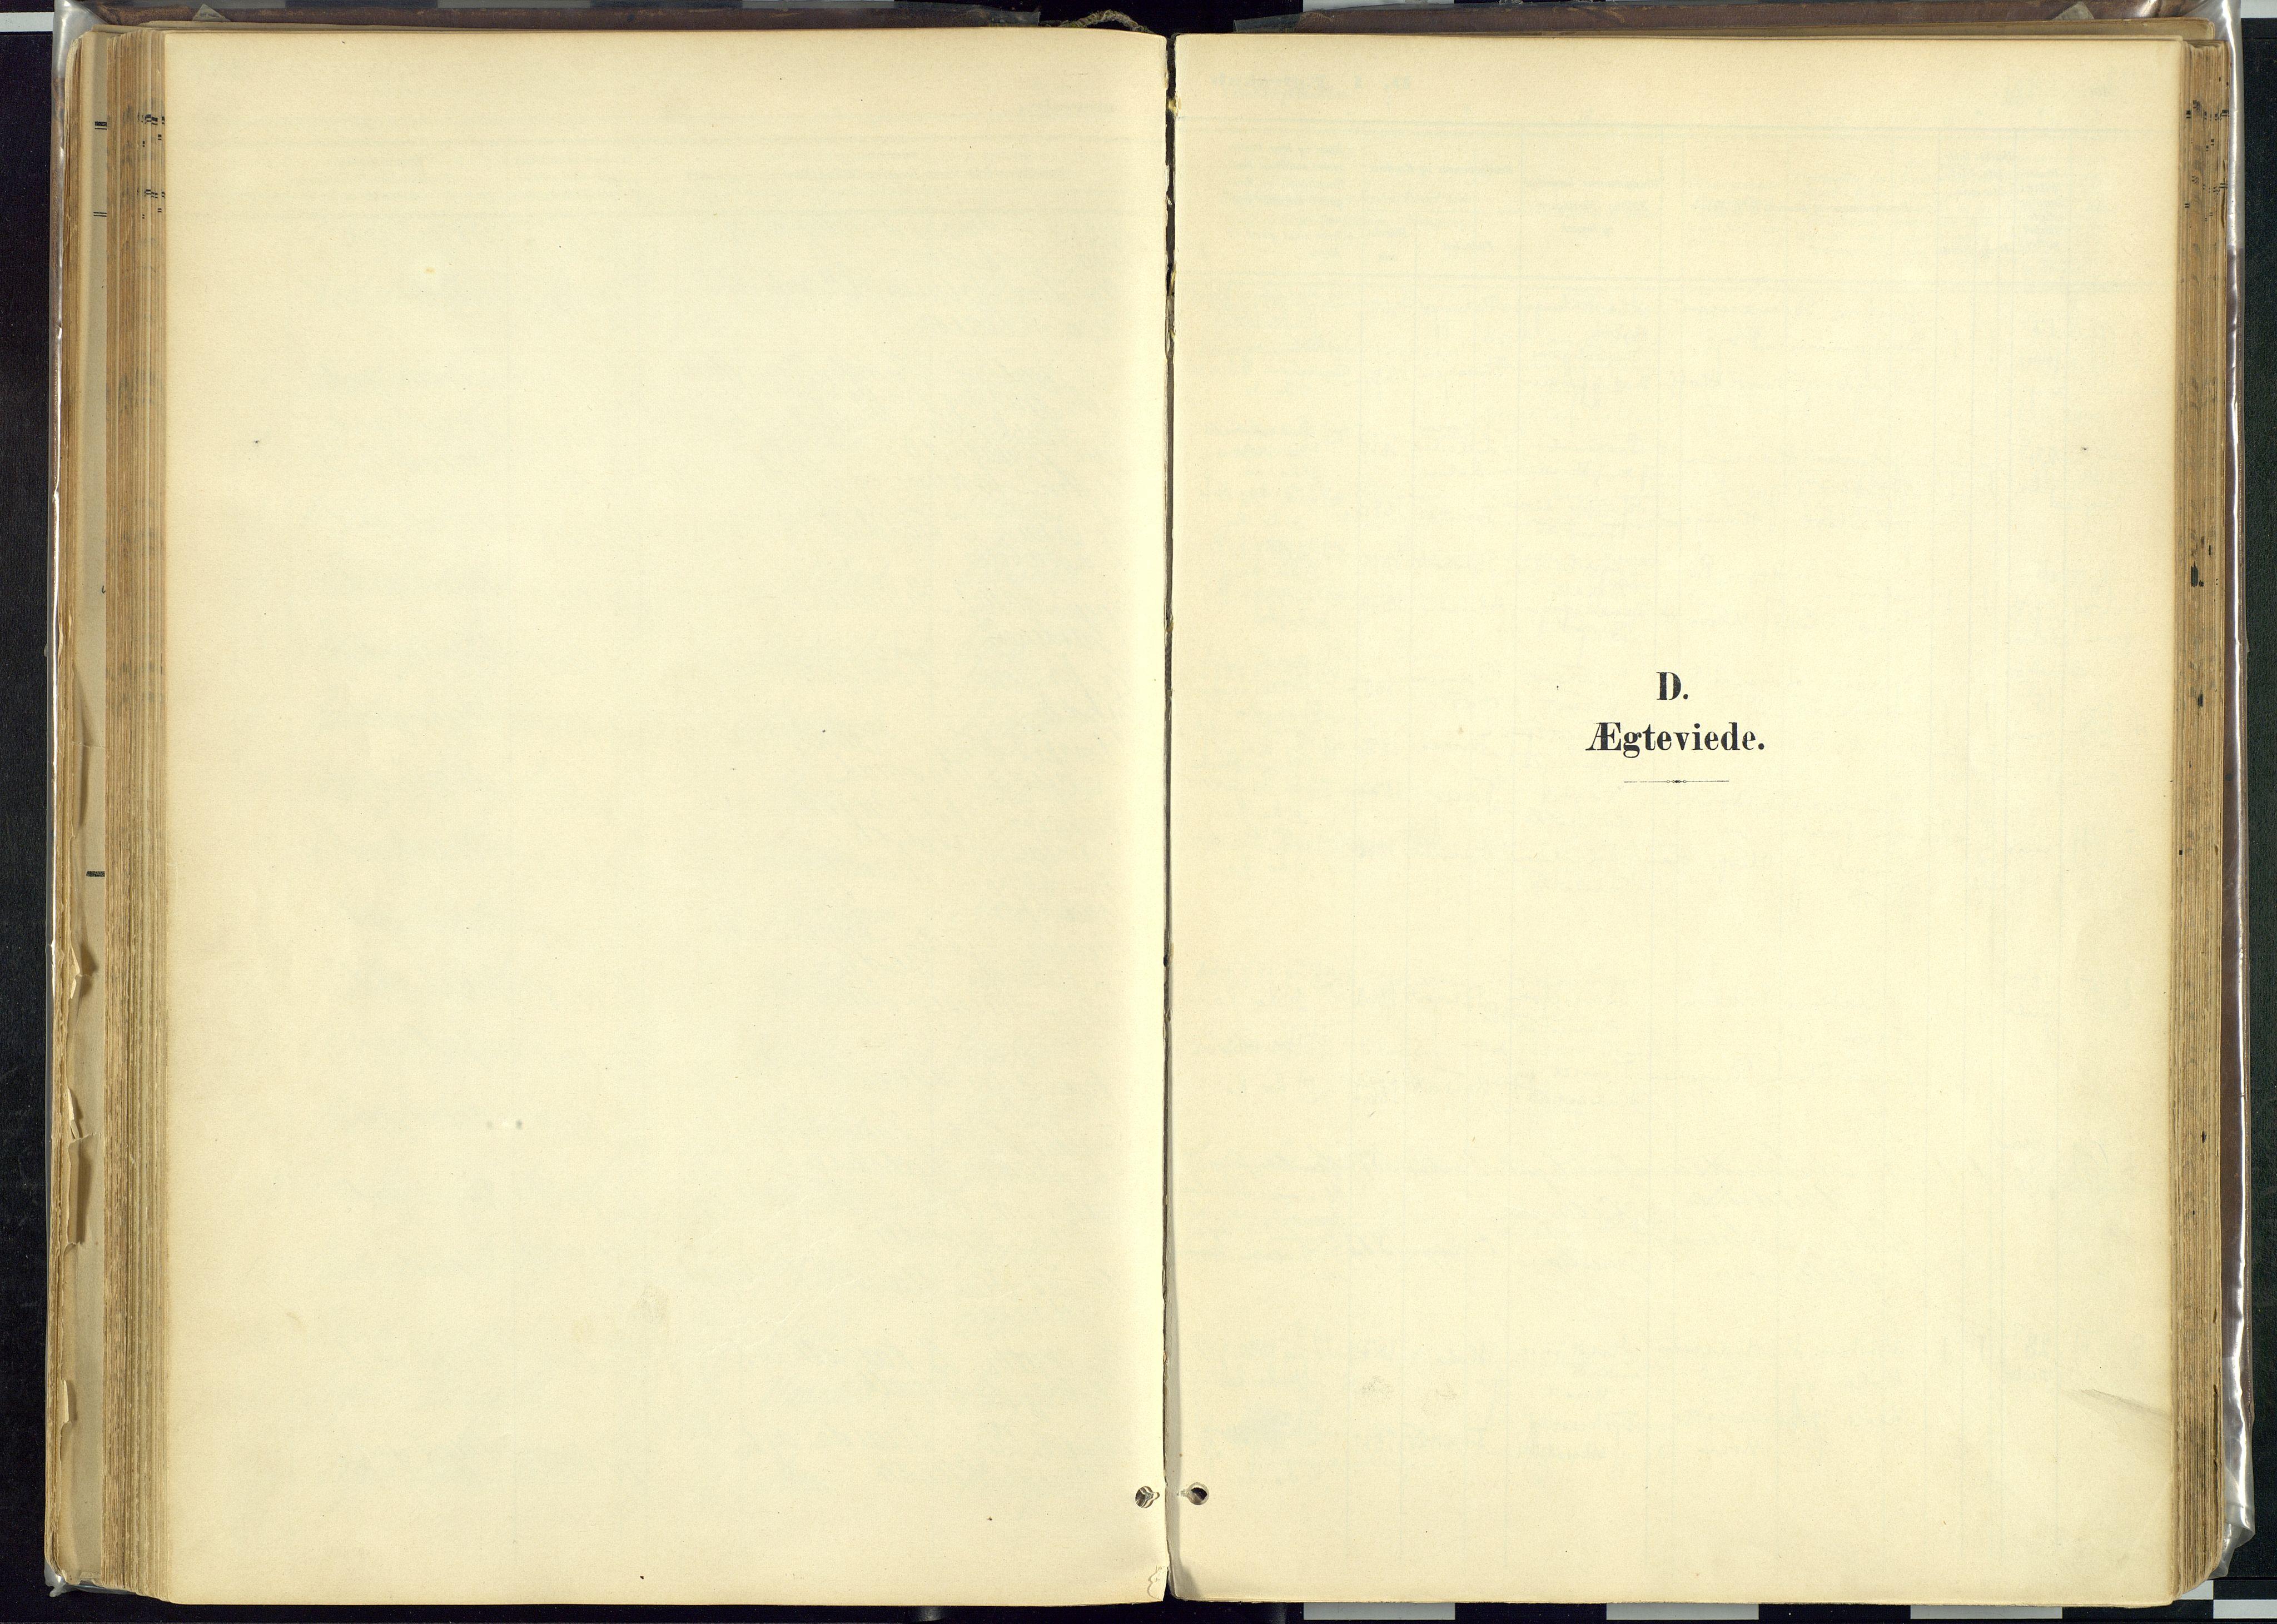 SAH, Rendalen prestekontor, H/Ha/Haa: Ministerialbok nr. 12, 1901-1928, s. 192